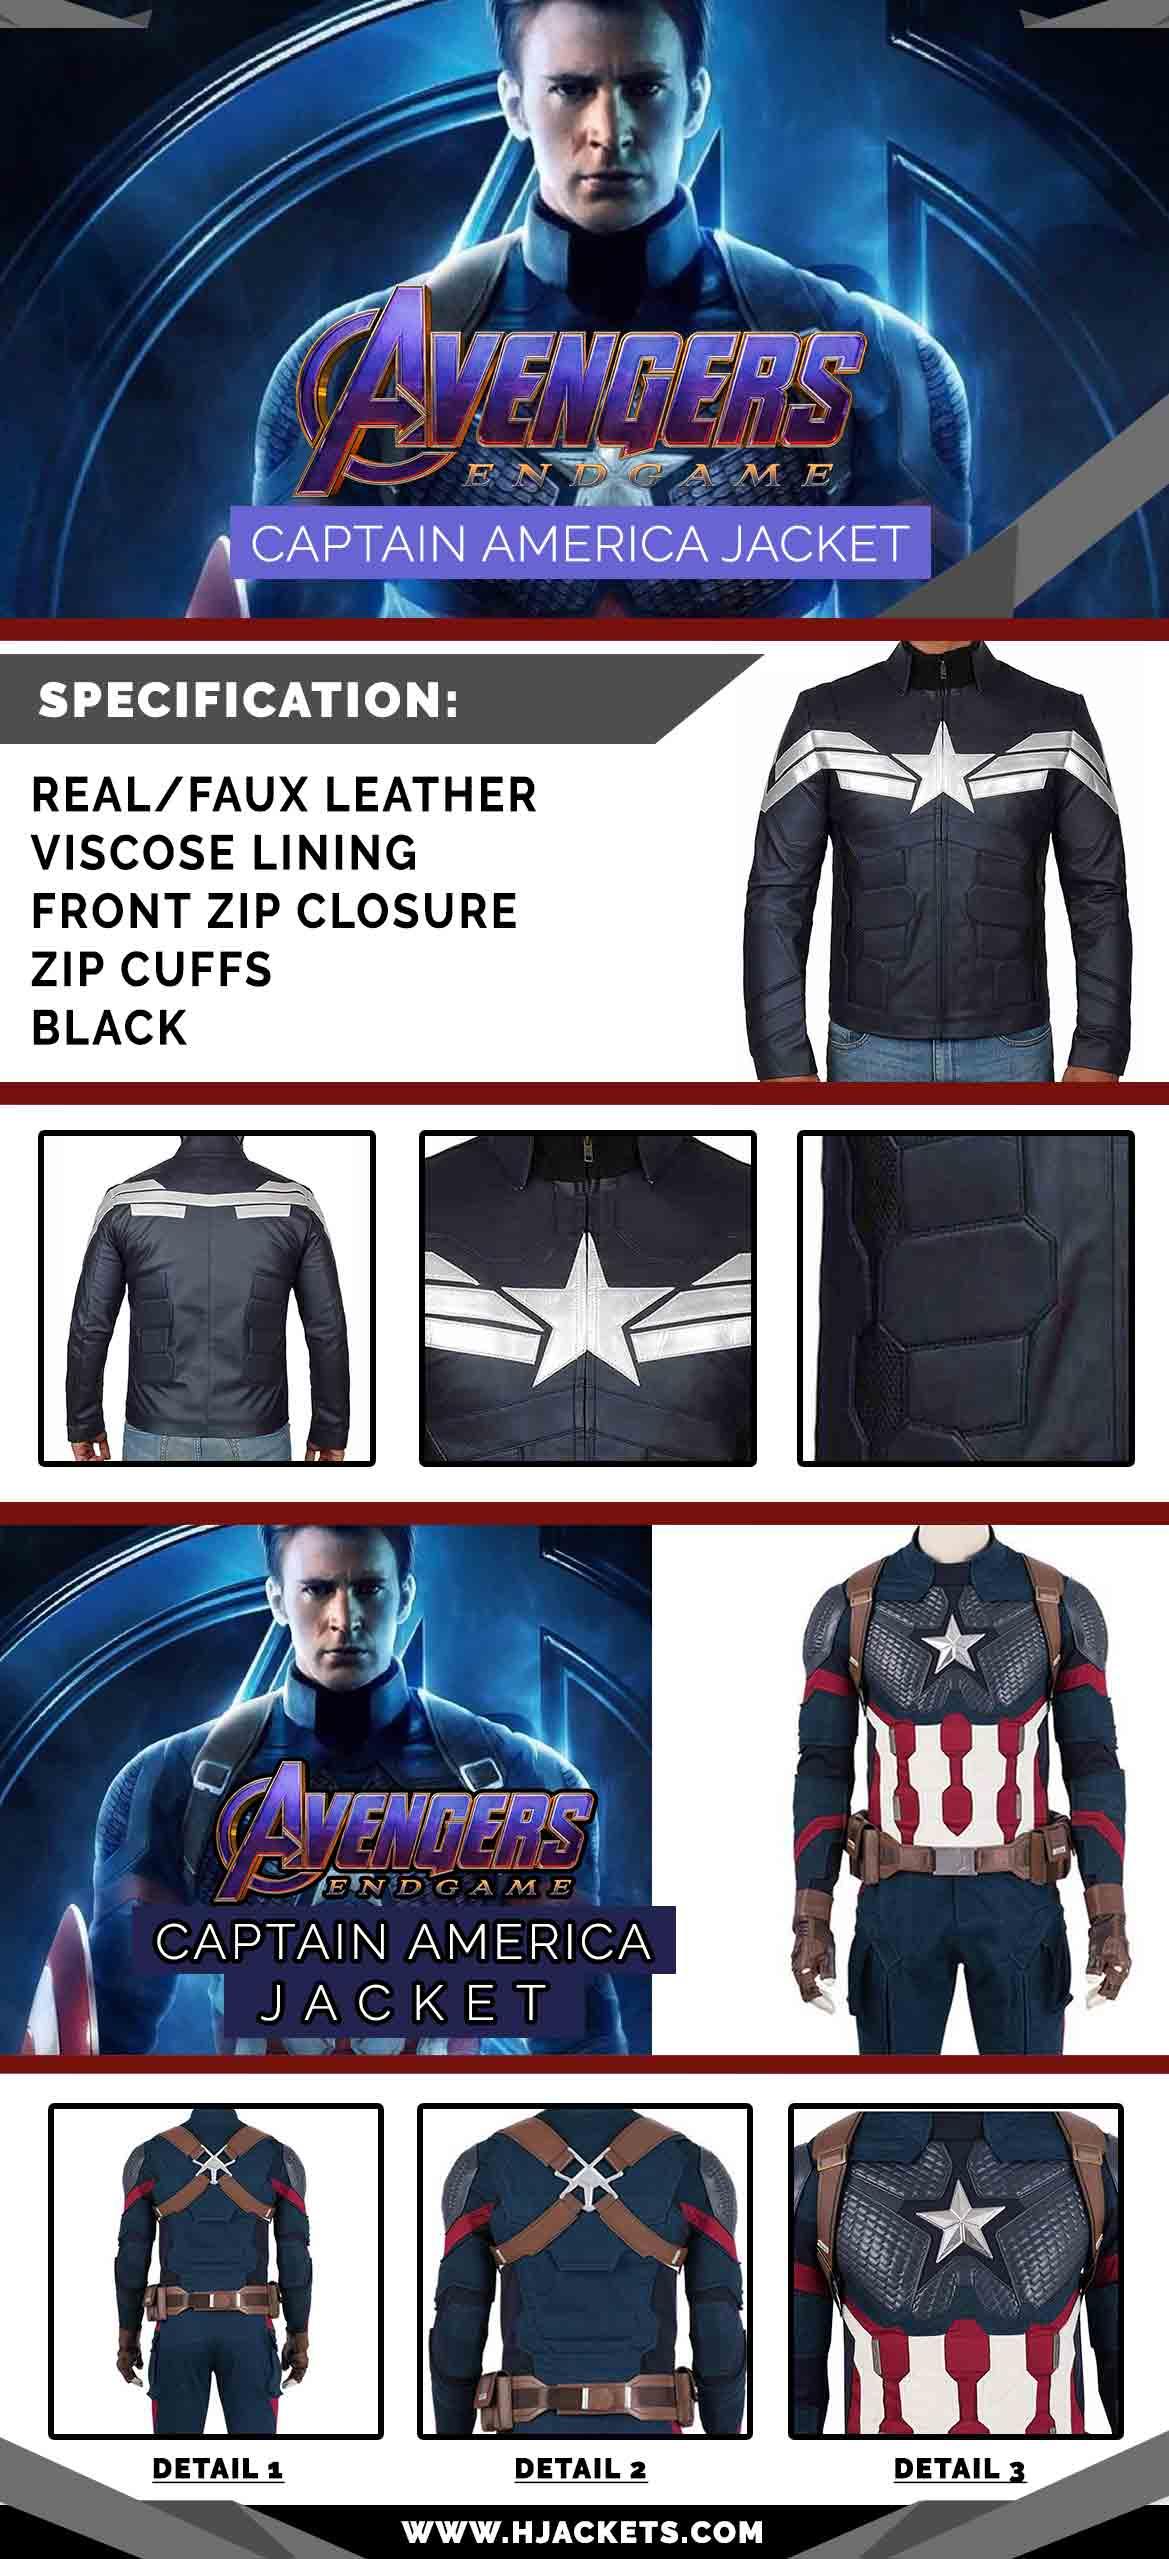 Avengers Endgame Captain America Infographic